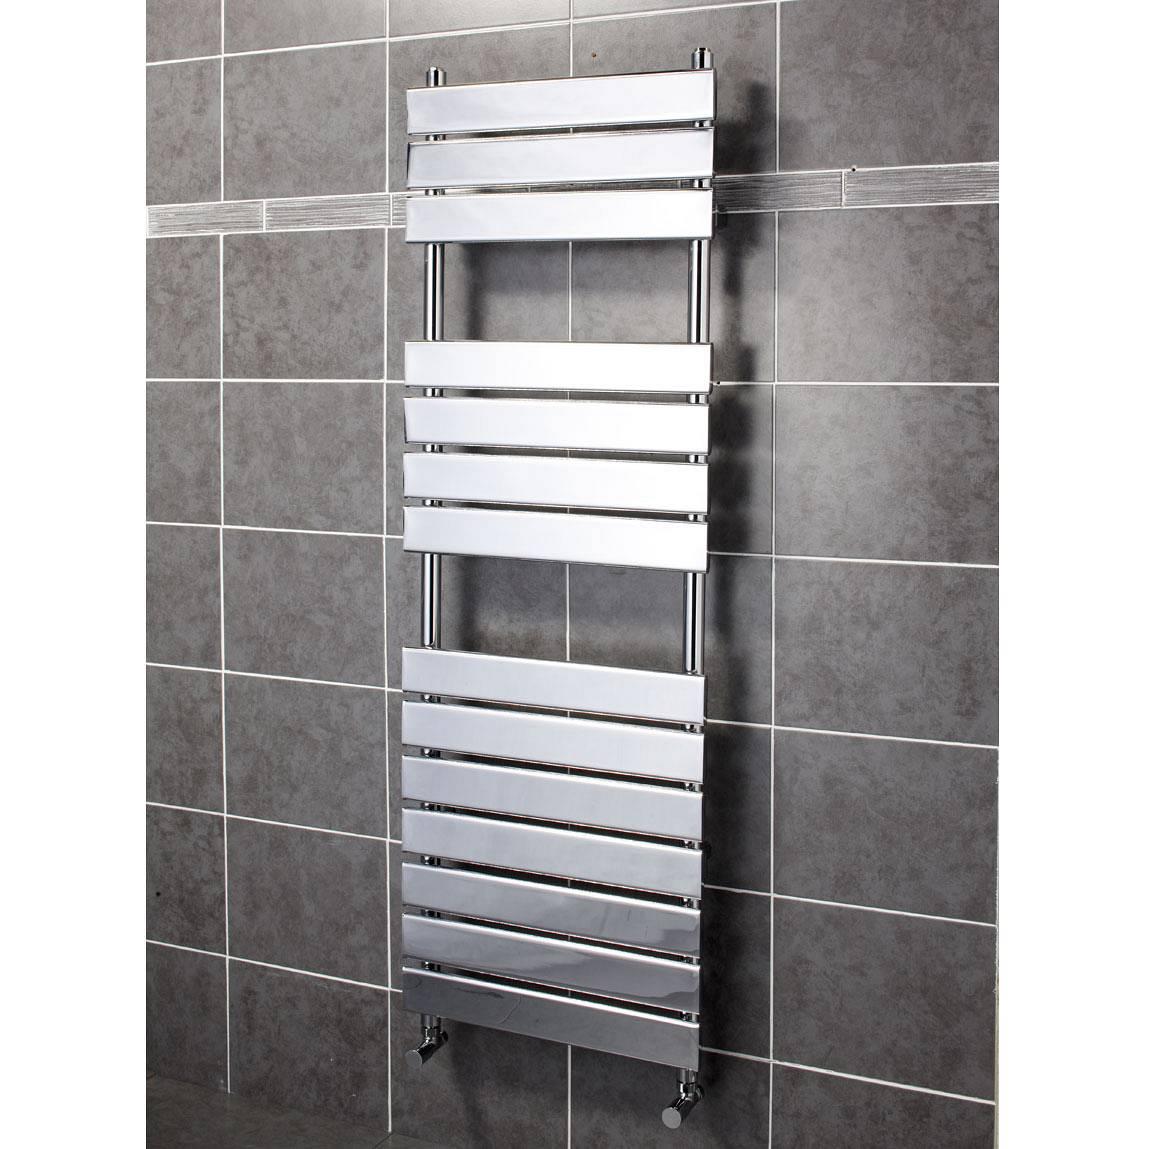 Electric Towel Rails 0000836 Electric Towel Rails 300 Electric Towel Rails Radiator Bathroom